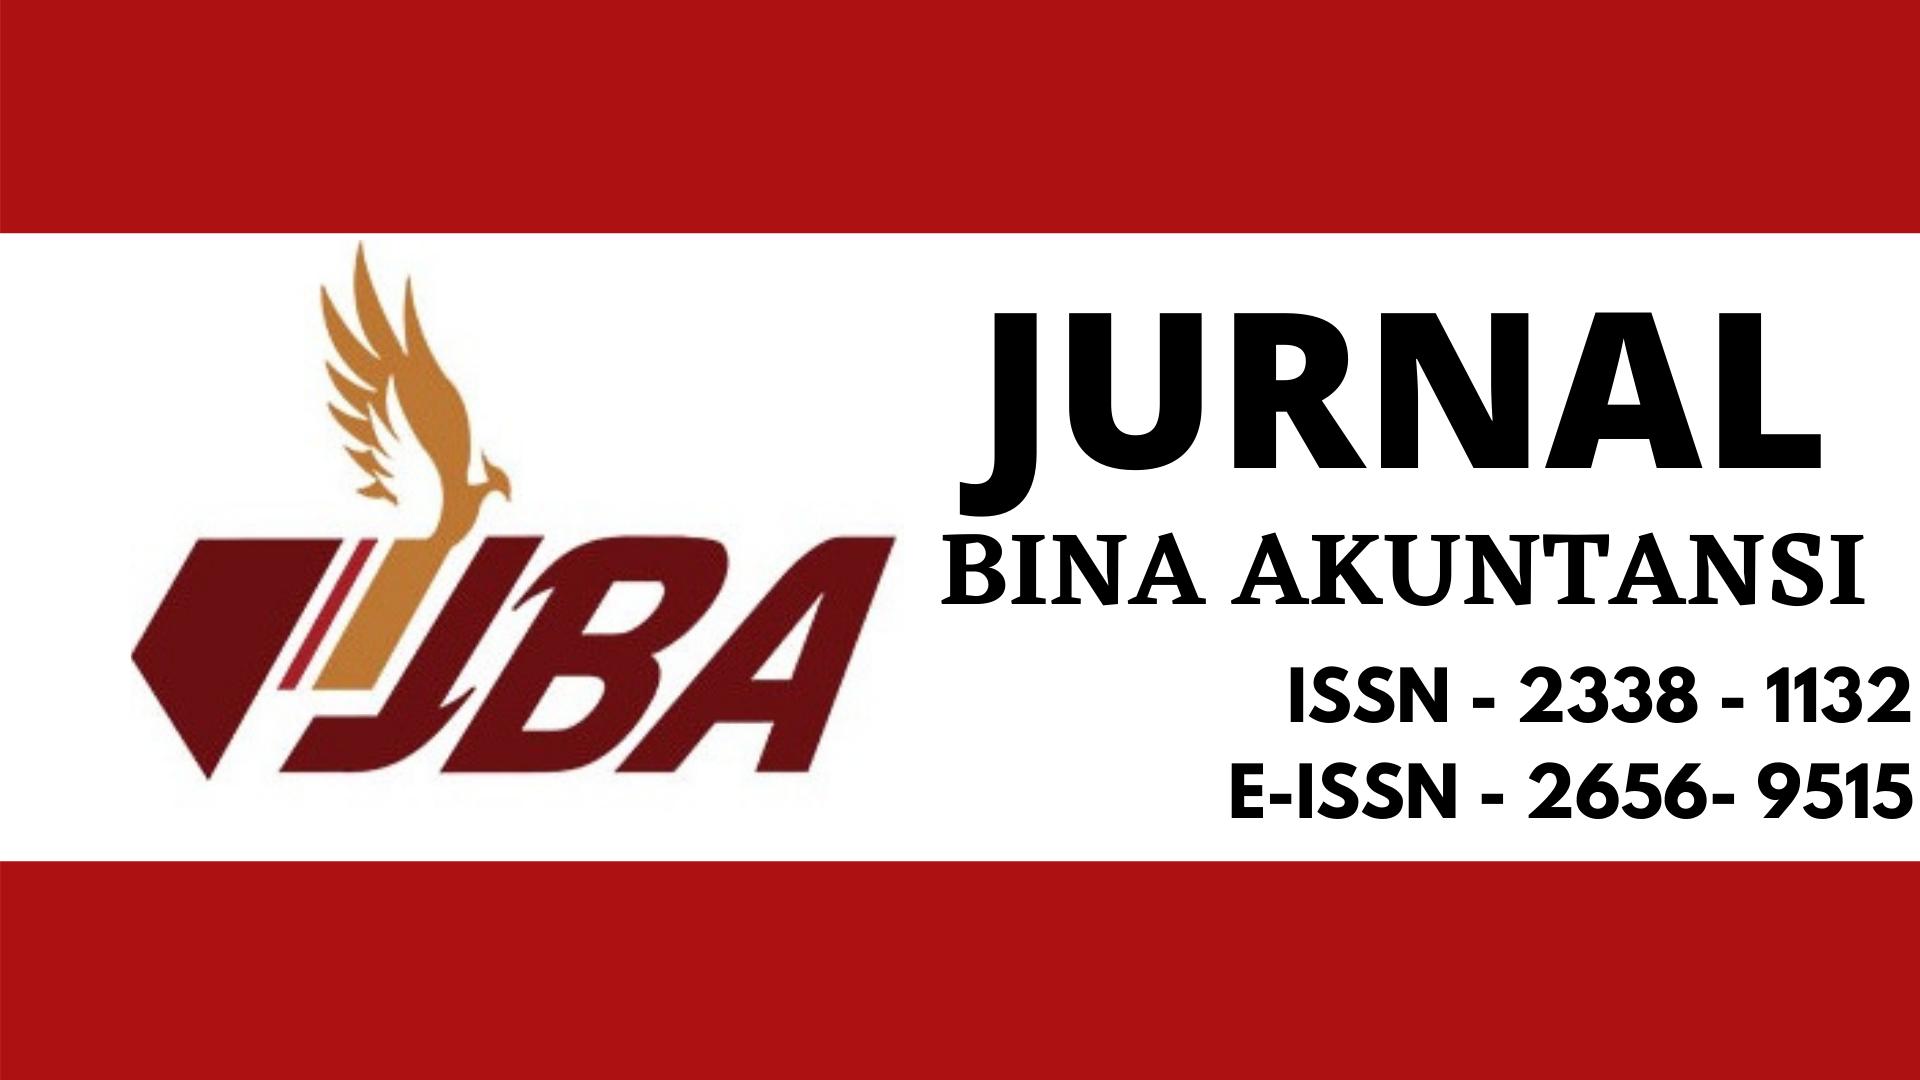 Jurnal Bina Akuntansi